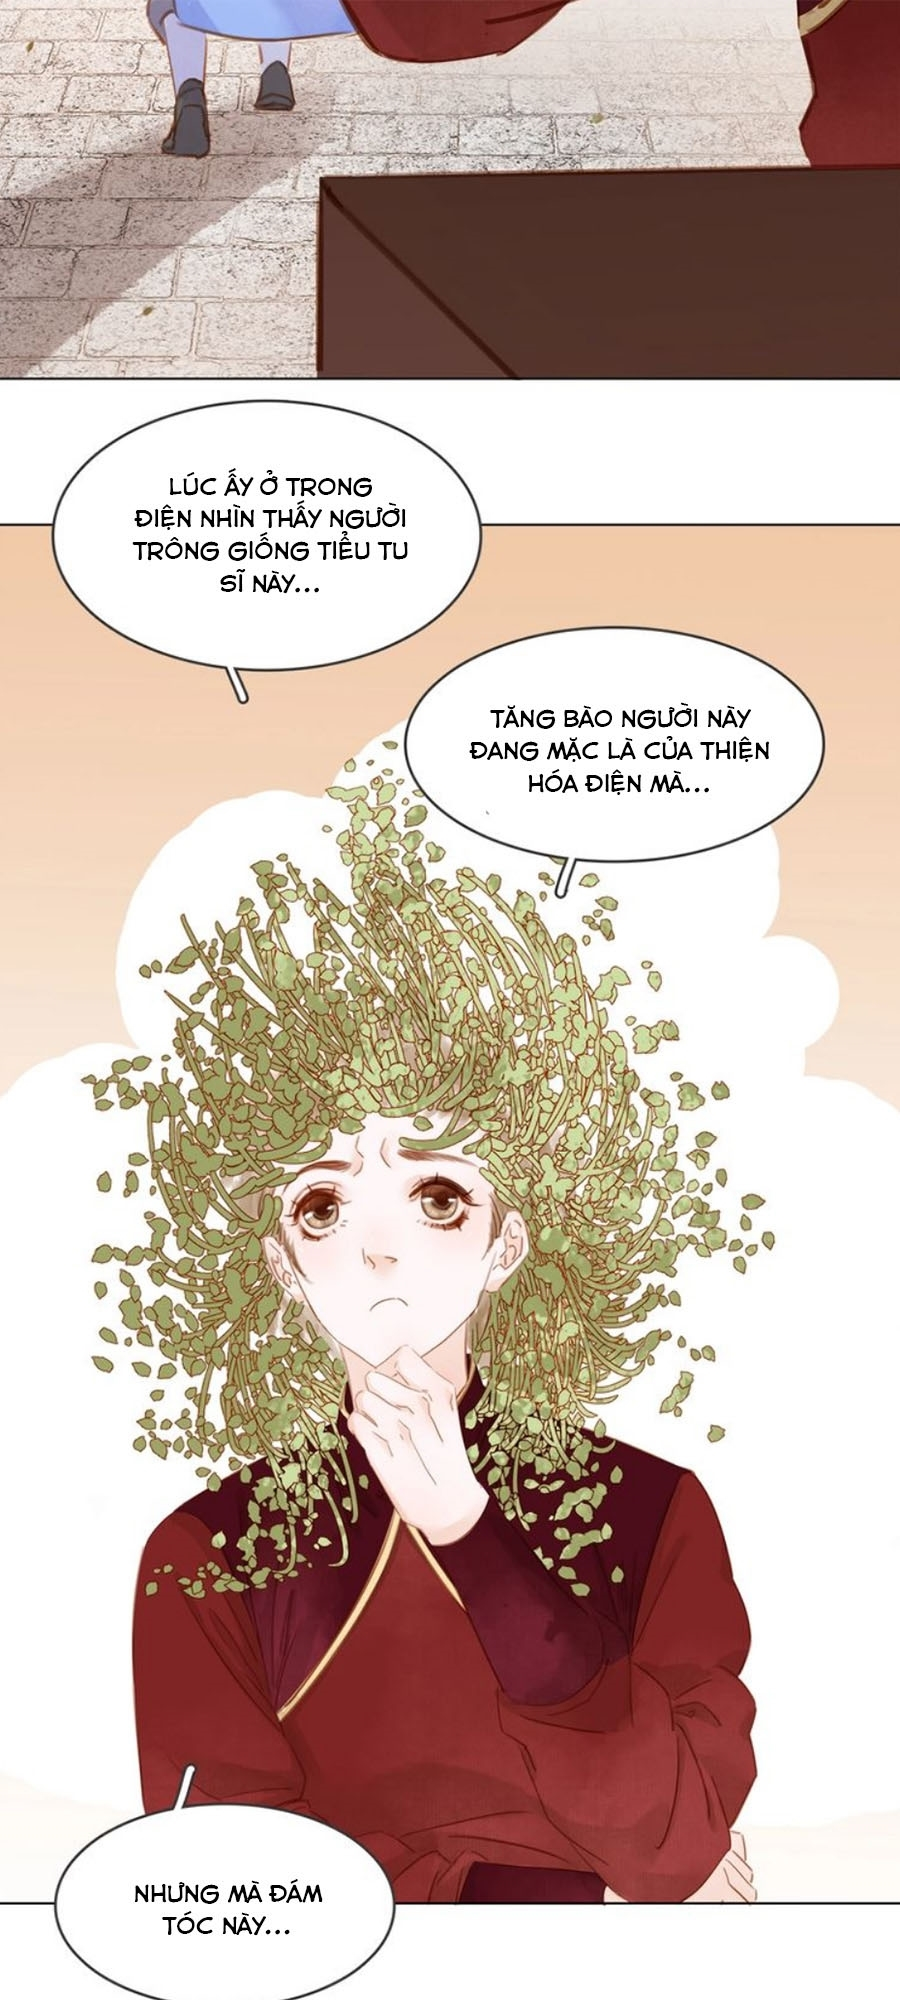 Tiểu sư phụ, tóc giả của ngài rơi rồi! chap 11 - Trang 18